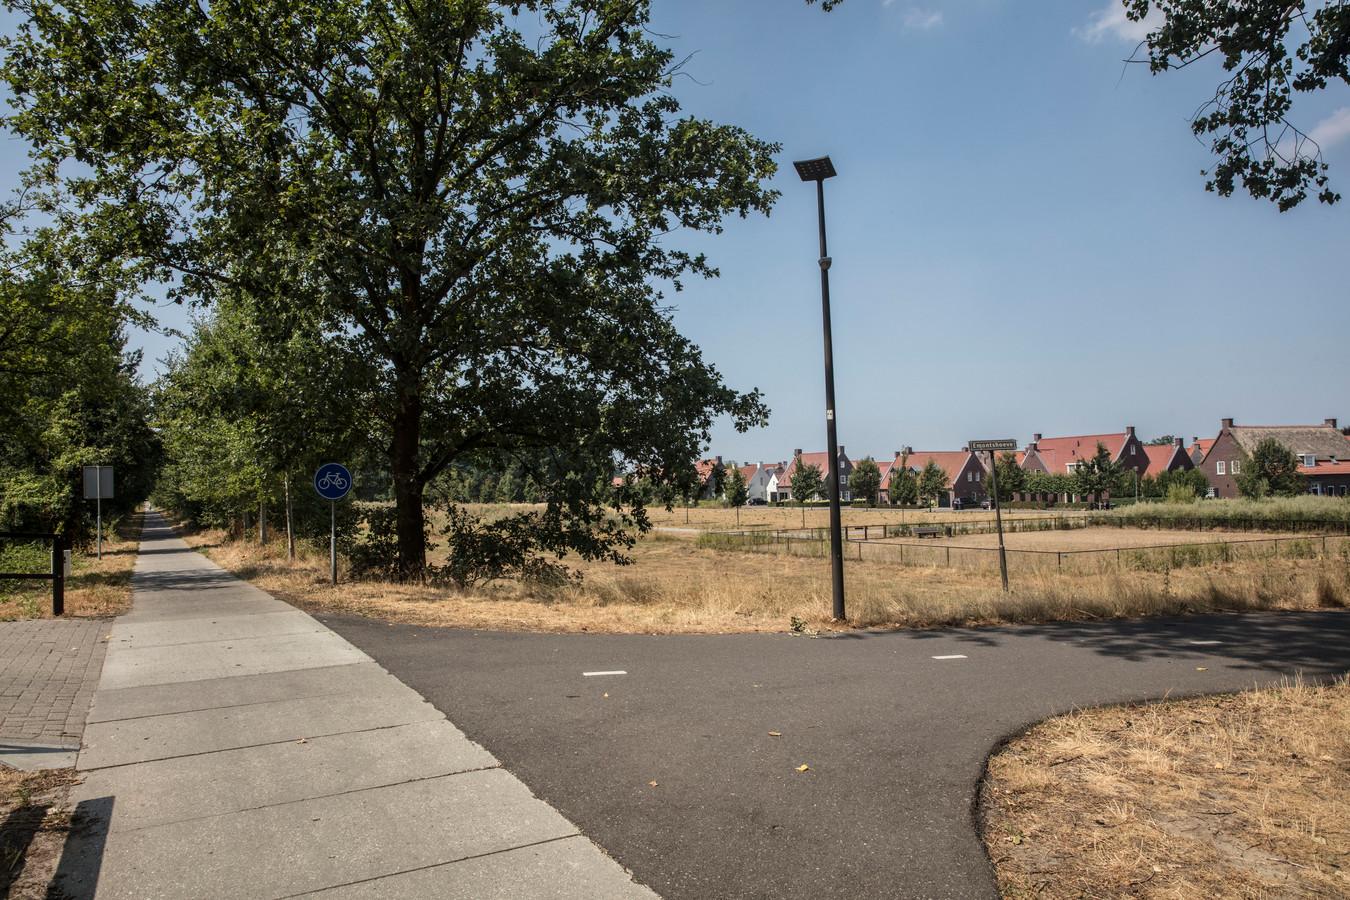 Het fietspad (Kaldersedijk) langs het Eindhovens Kanaal tussen Brandevoort en Mierlo. Tussen het fietspad en de huizen ligt de beoogde strook voor het ondergrondse vervoer van gevaarlijke stoffen.